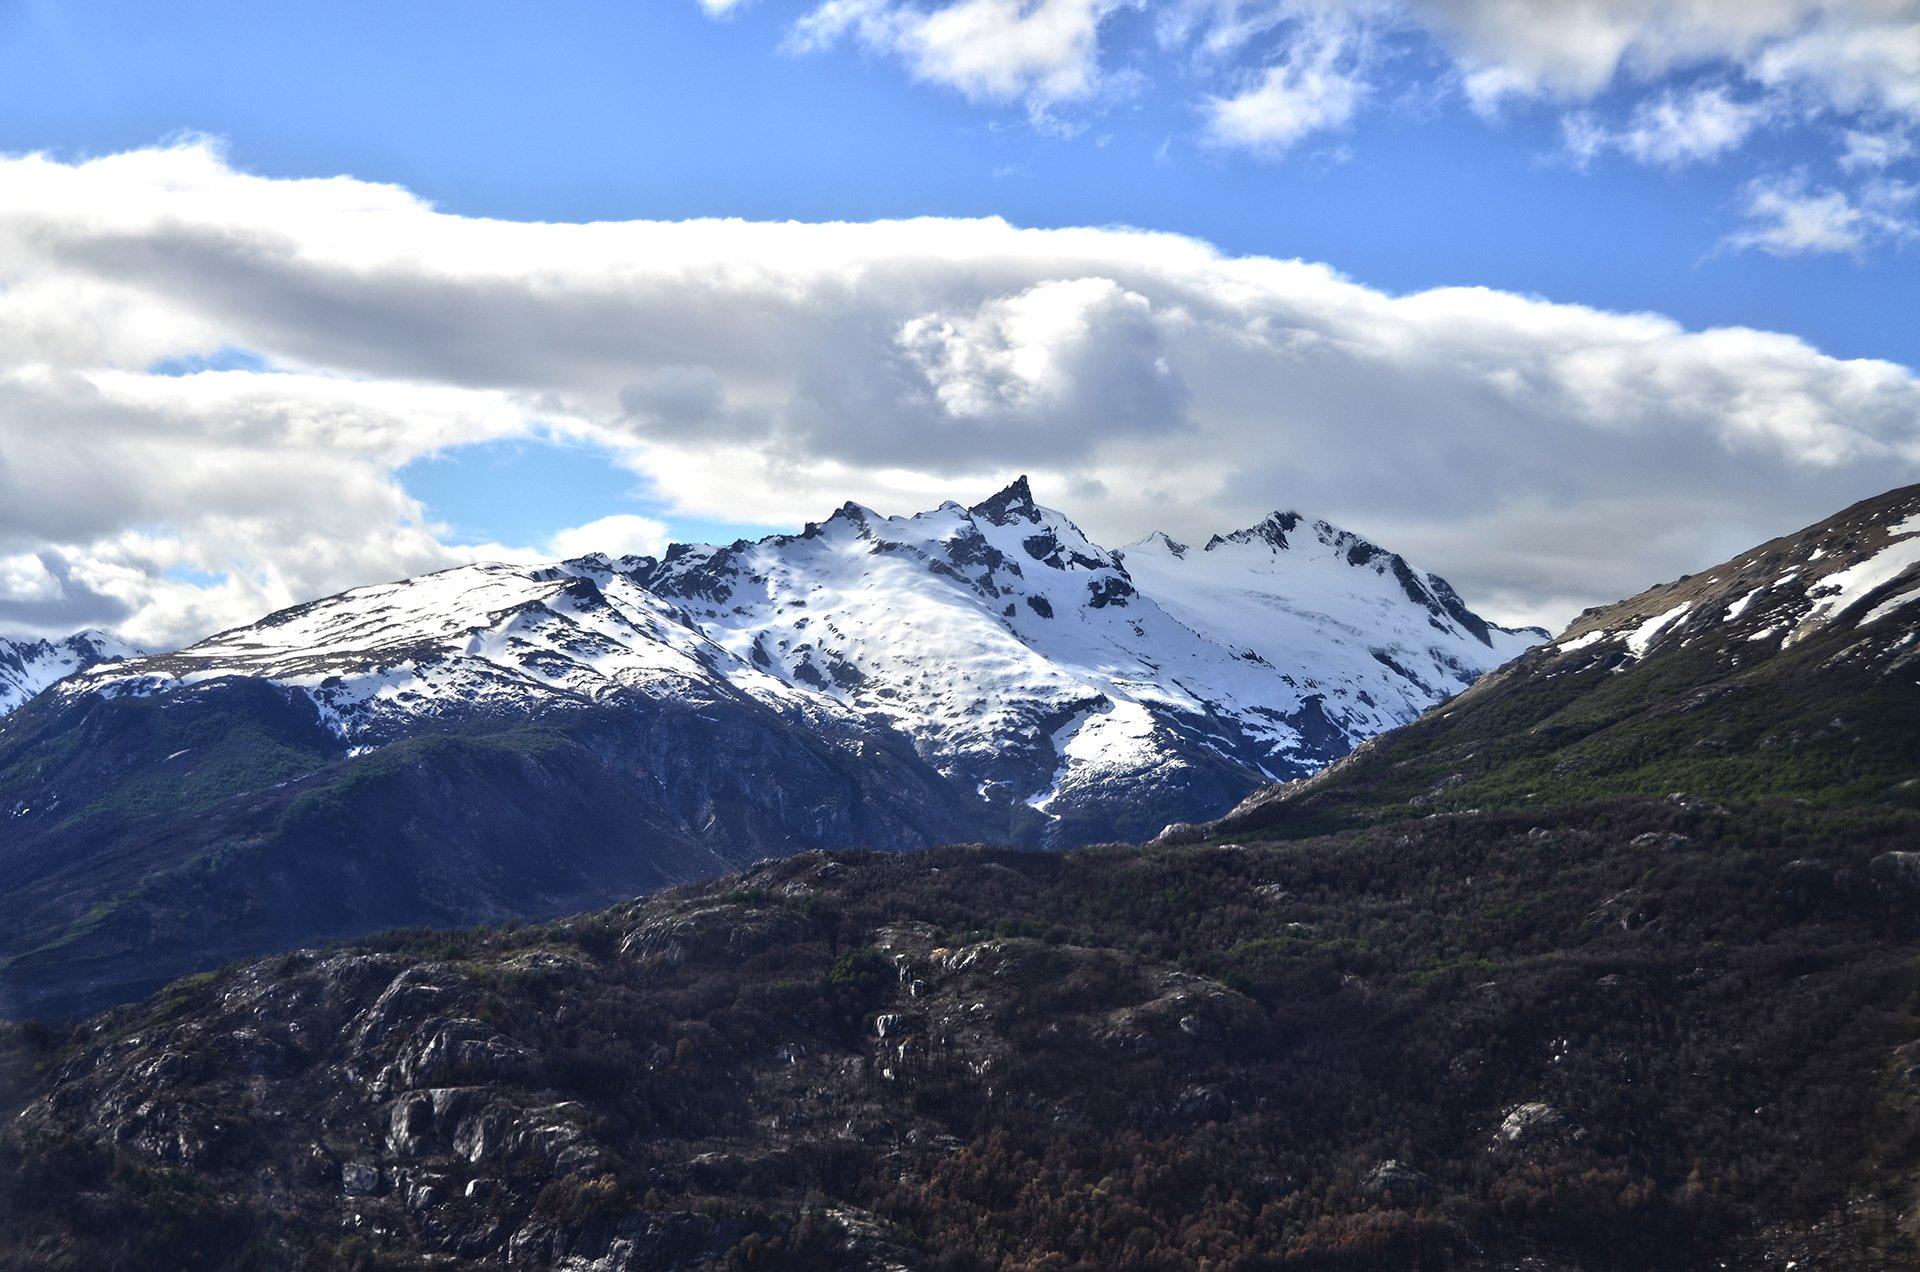 El fotógrafo y piloto Matías Arbotto sobrevoló la Patagonia y logró acercar una visión poco frecuente de la región